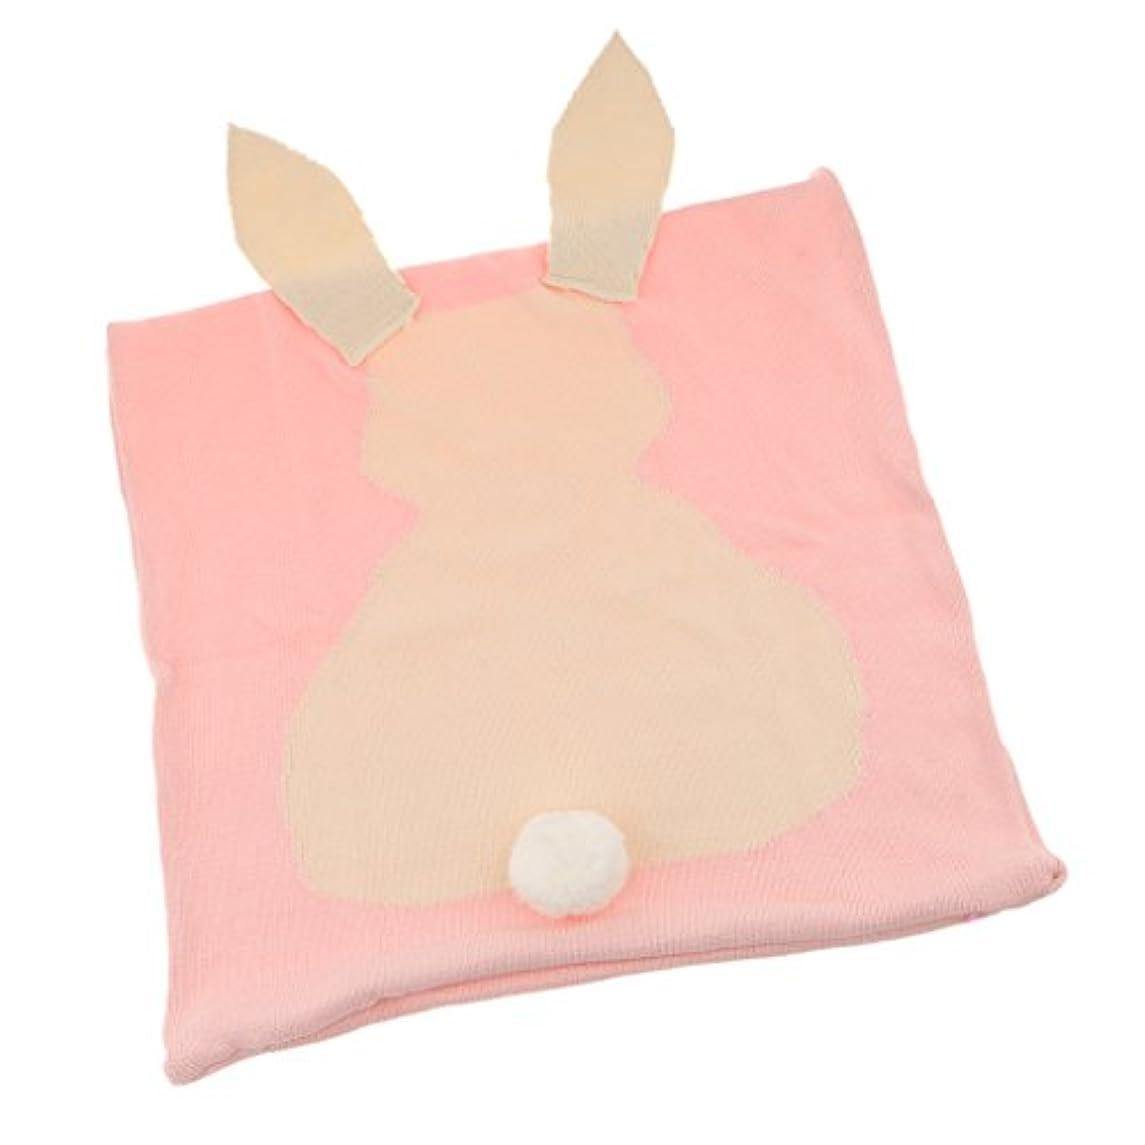 支払うぼろ放散する綿 ニット 癒し ウサギ ピローケース ソファ ベッド クッション カバー 枕カバー - ピンク